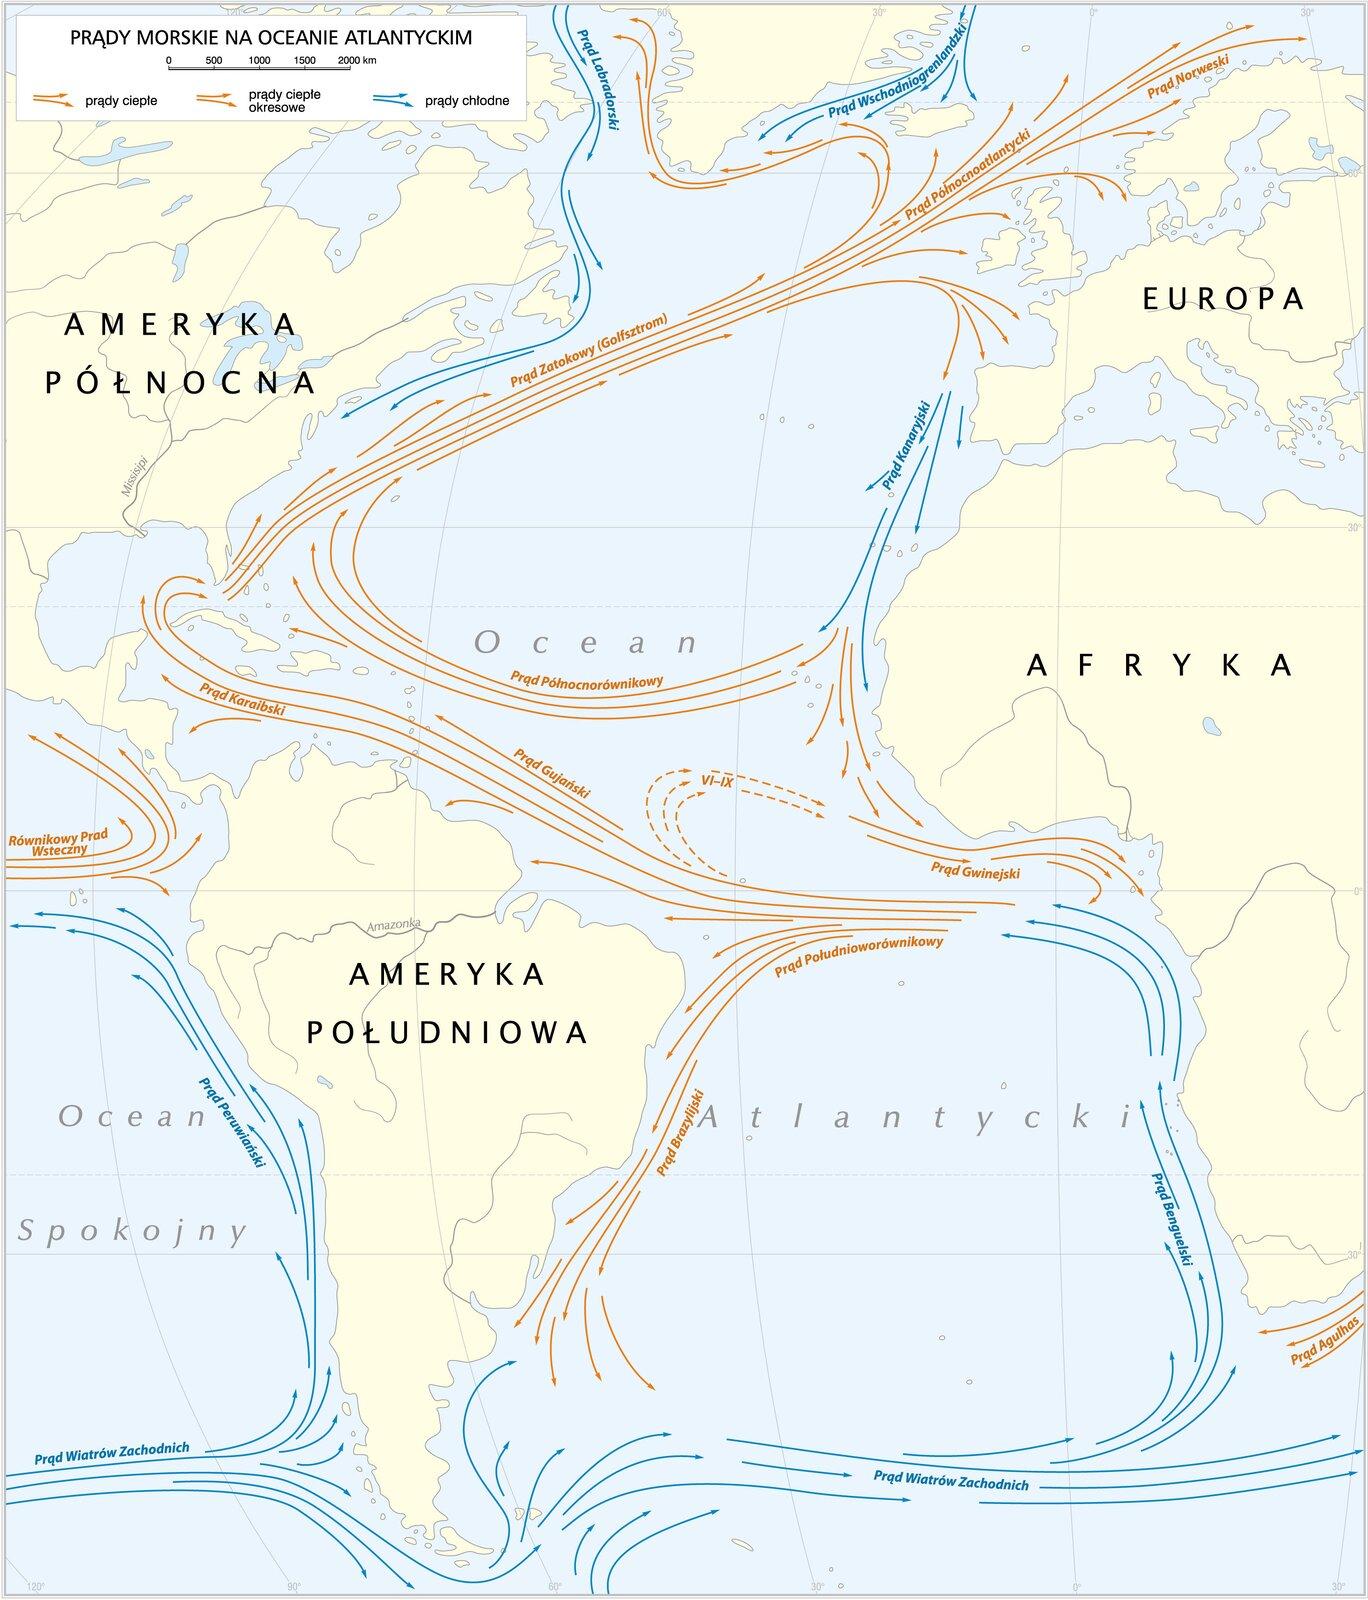 Prądy morskie na Atlantyku Prądy morskie na Atlantyku Źródło: Krystian Chariza izespół, licencja: CC BY 3.0.